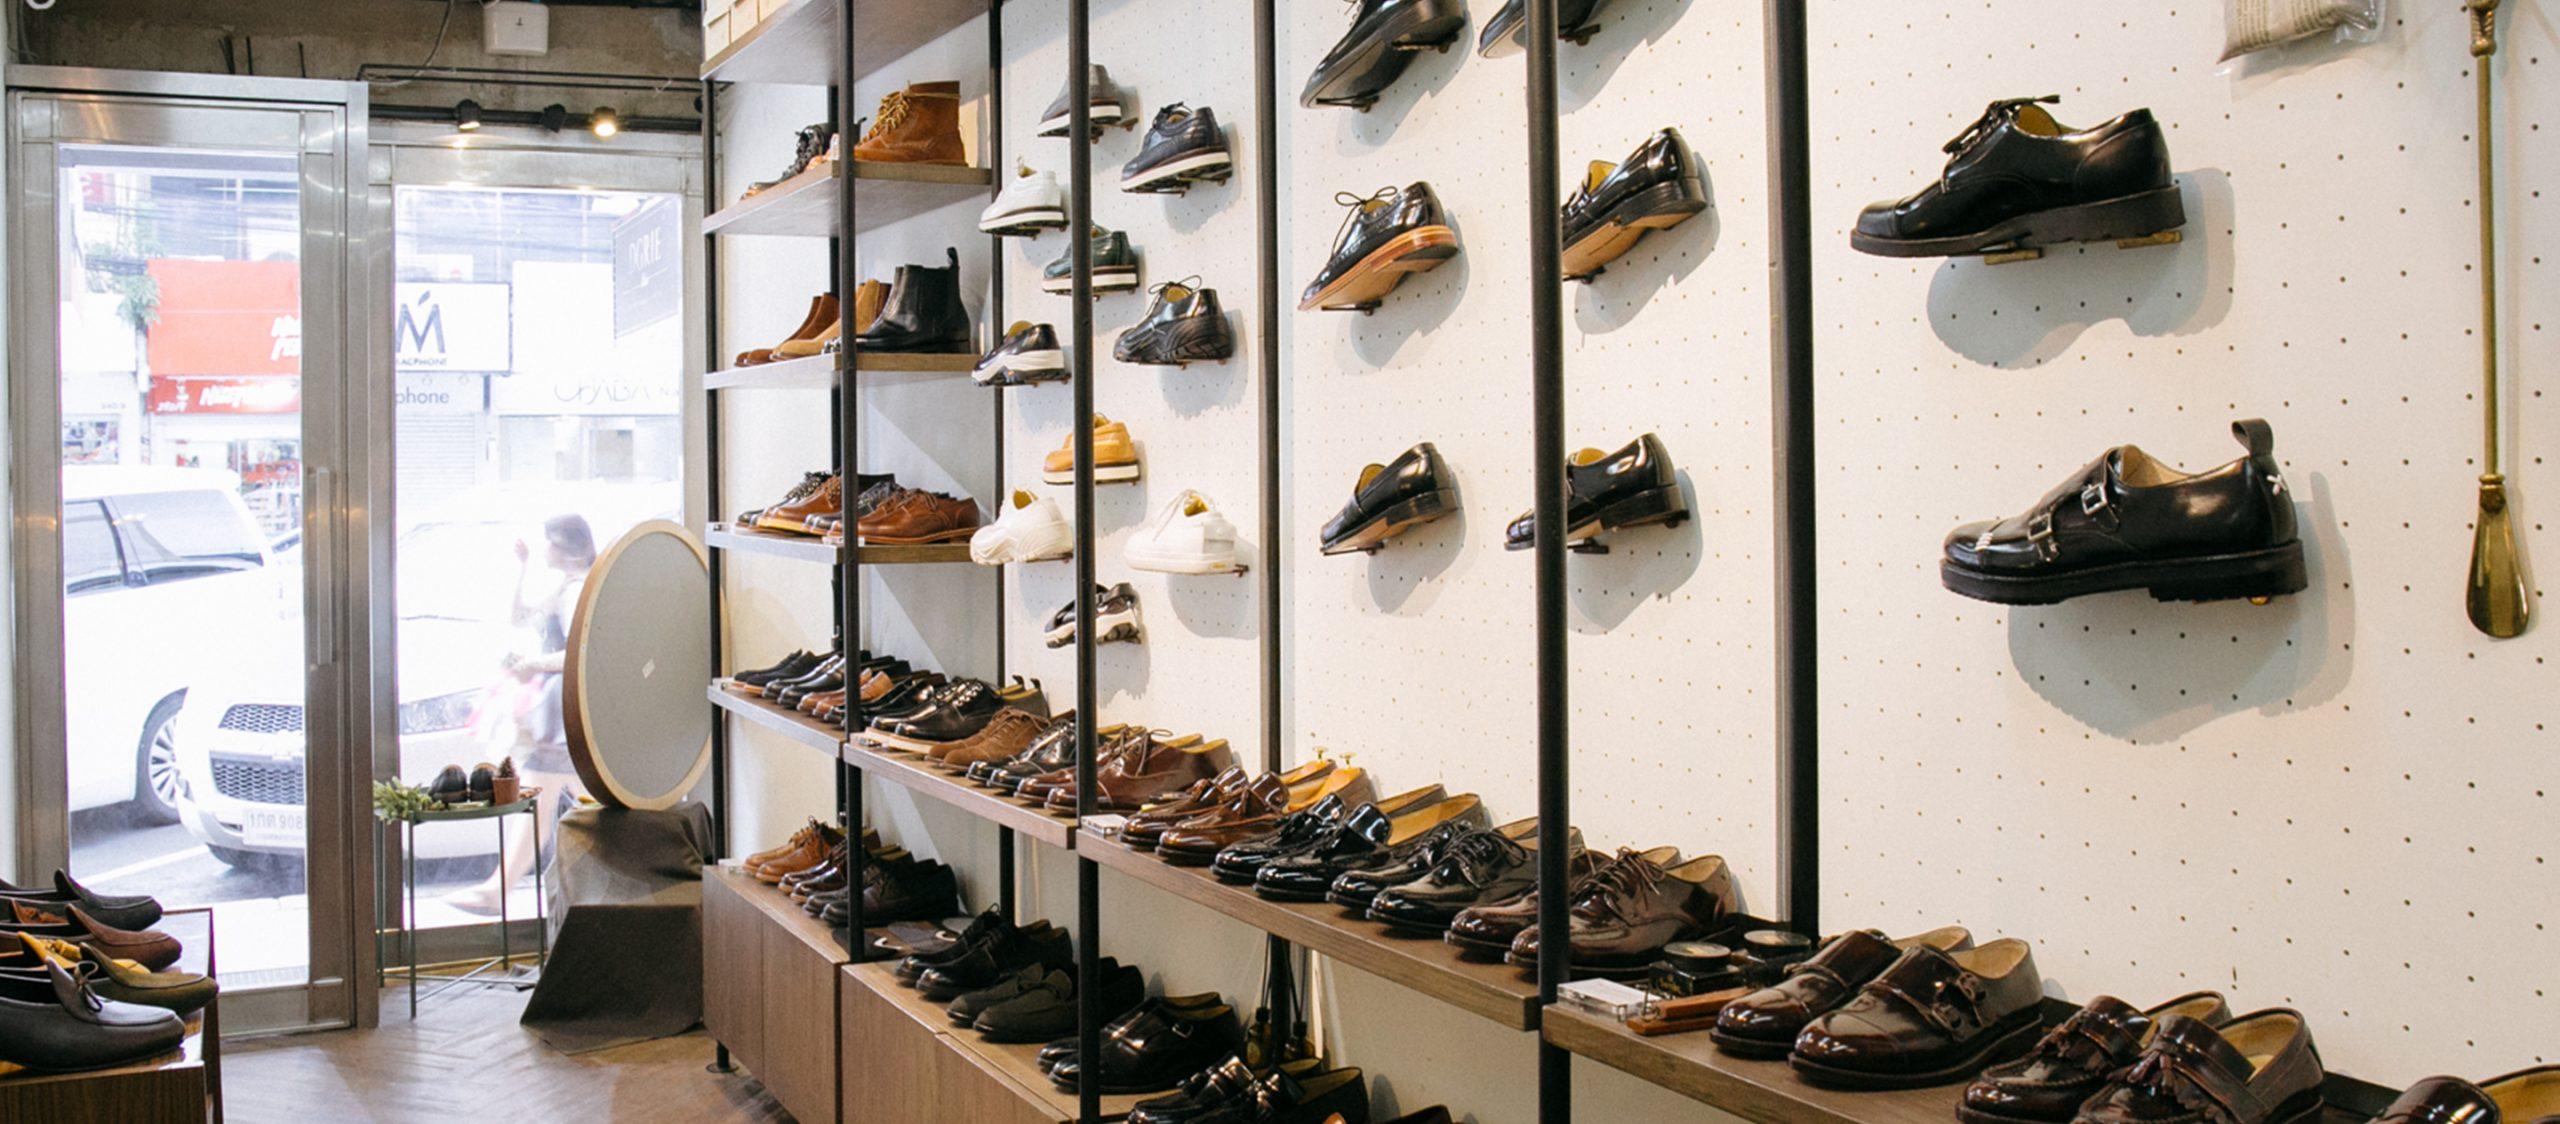 London Brown รองเท้าหนังคลาสสิกดีไซน์ร่วมสมัยที่จริงใจทุกรายละเอียด